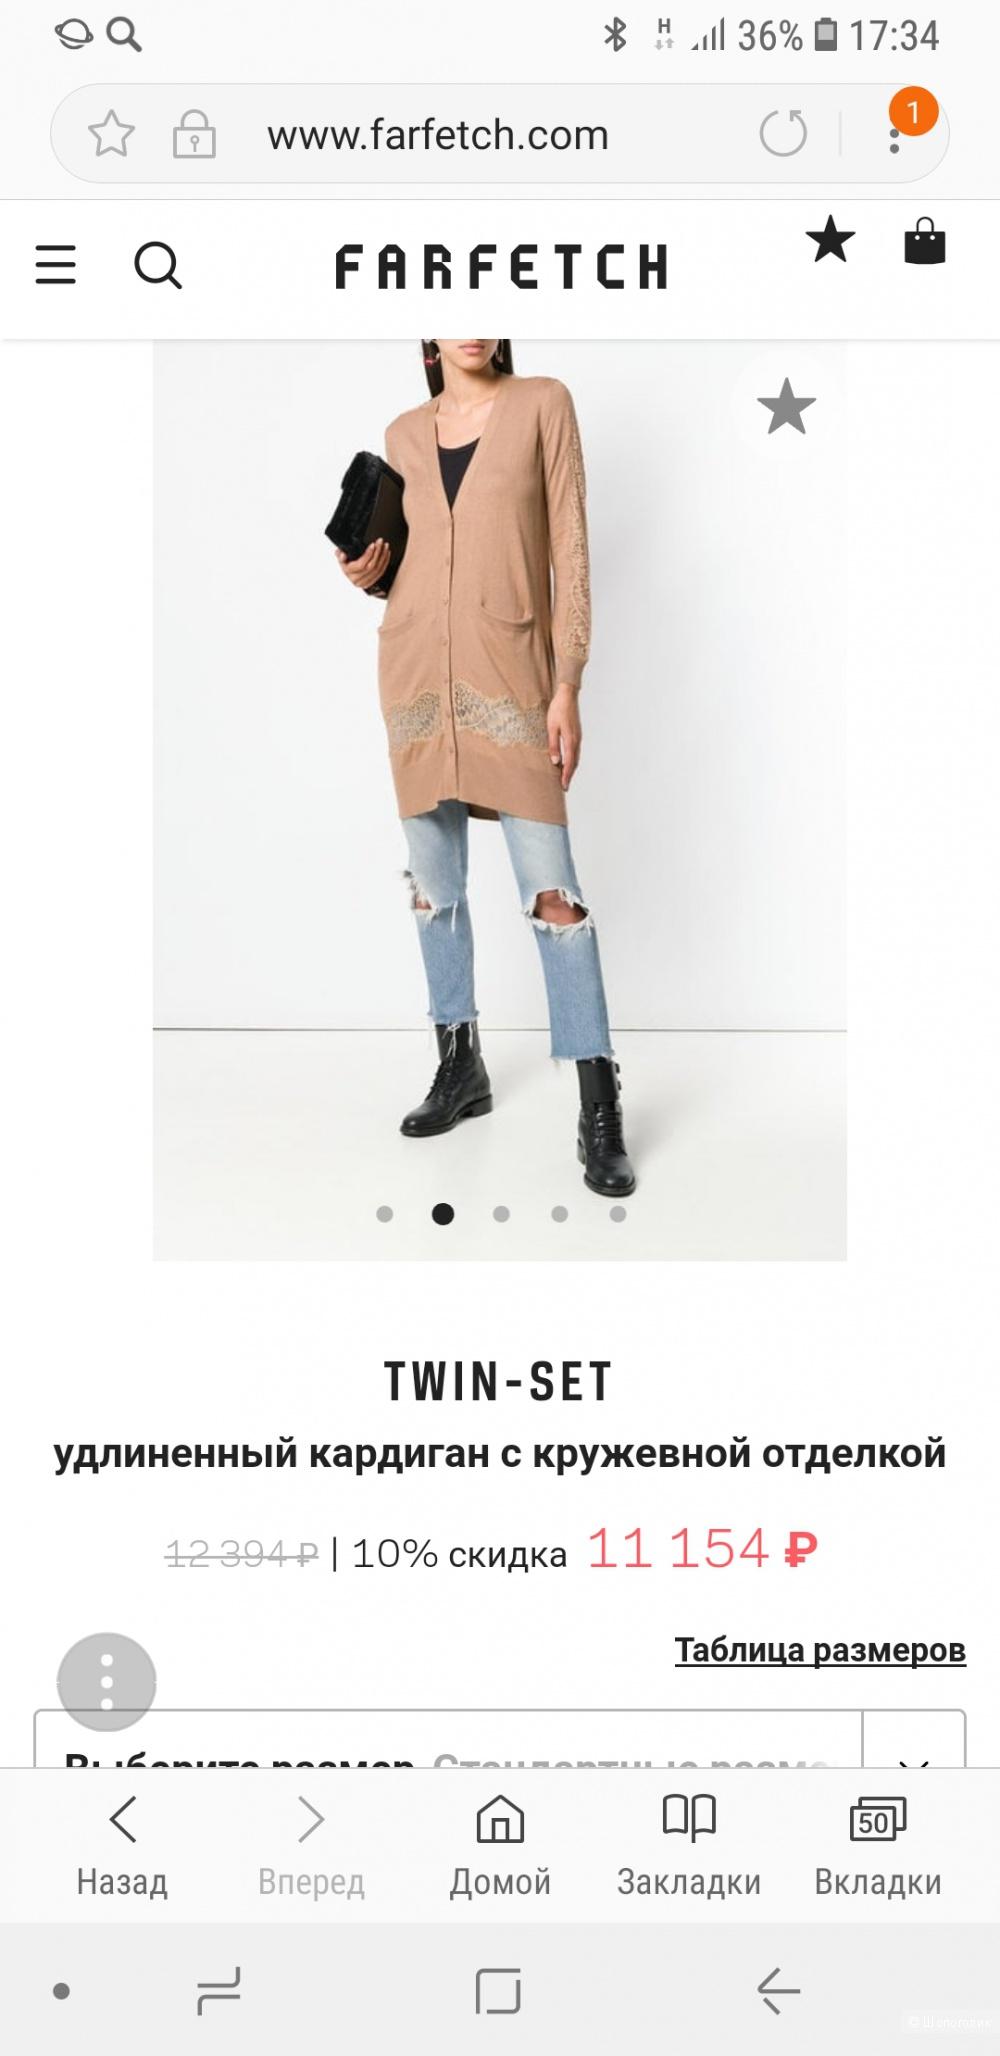 Кардиган twin set, размер m